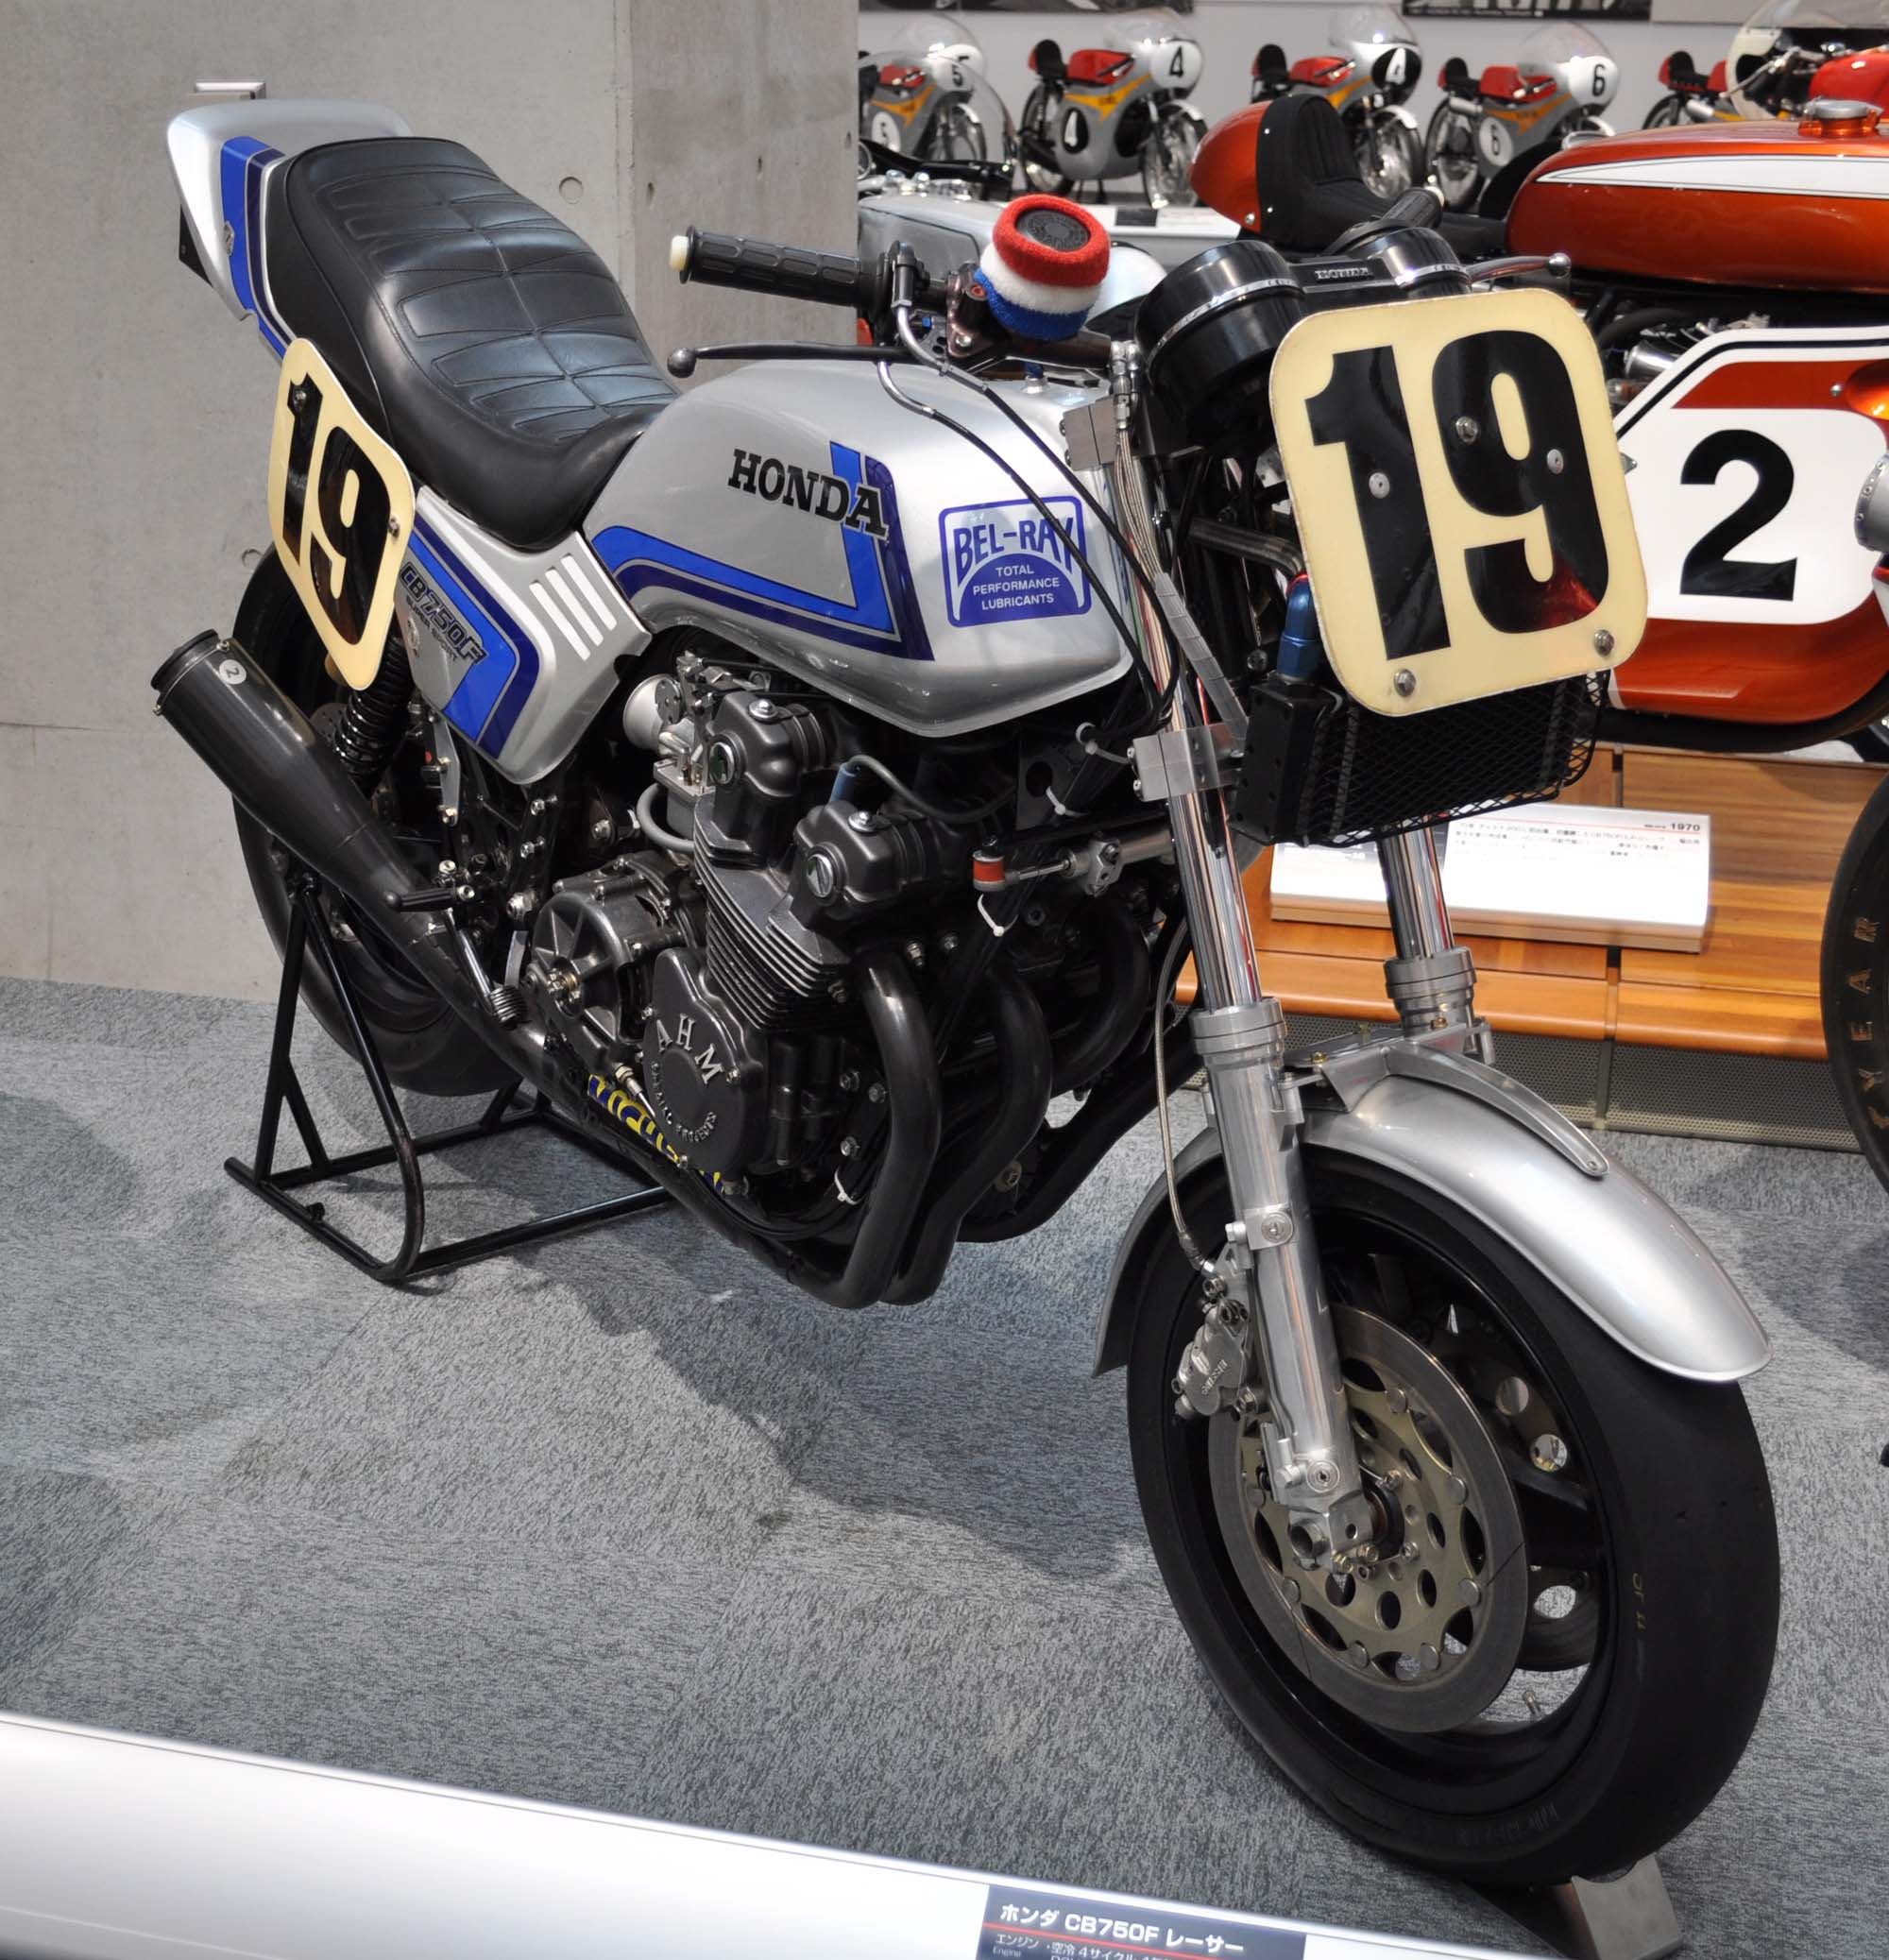 File:Honda CB750F Racer.jpg - Wikimedia Commons